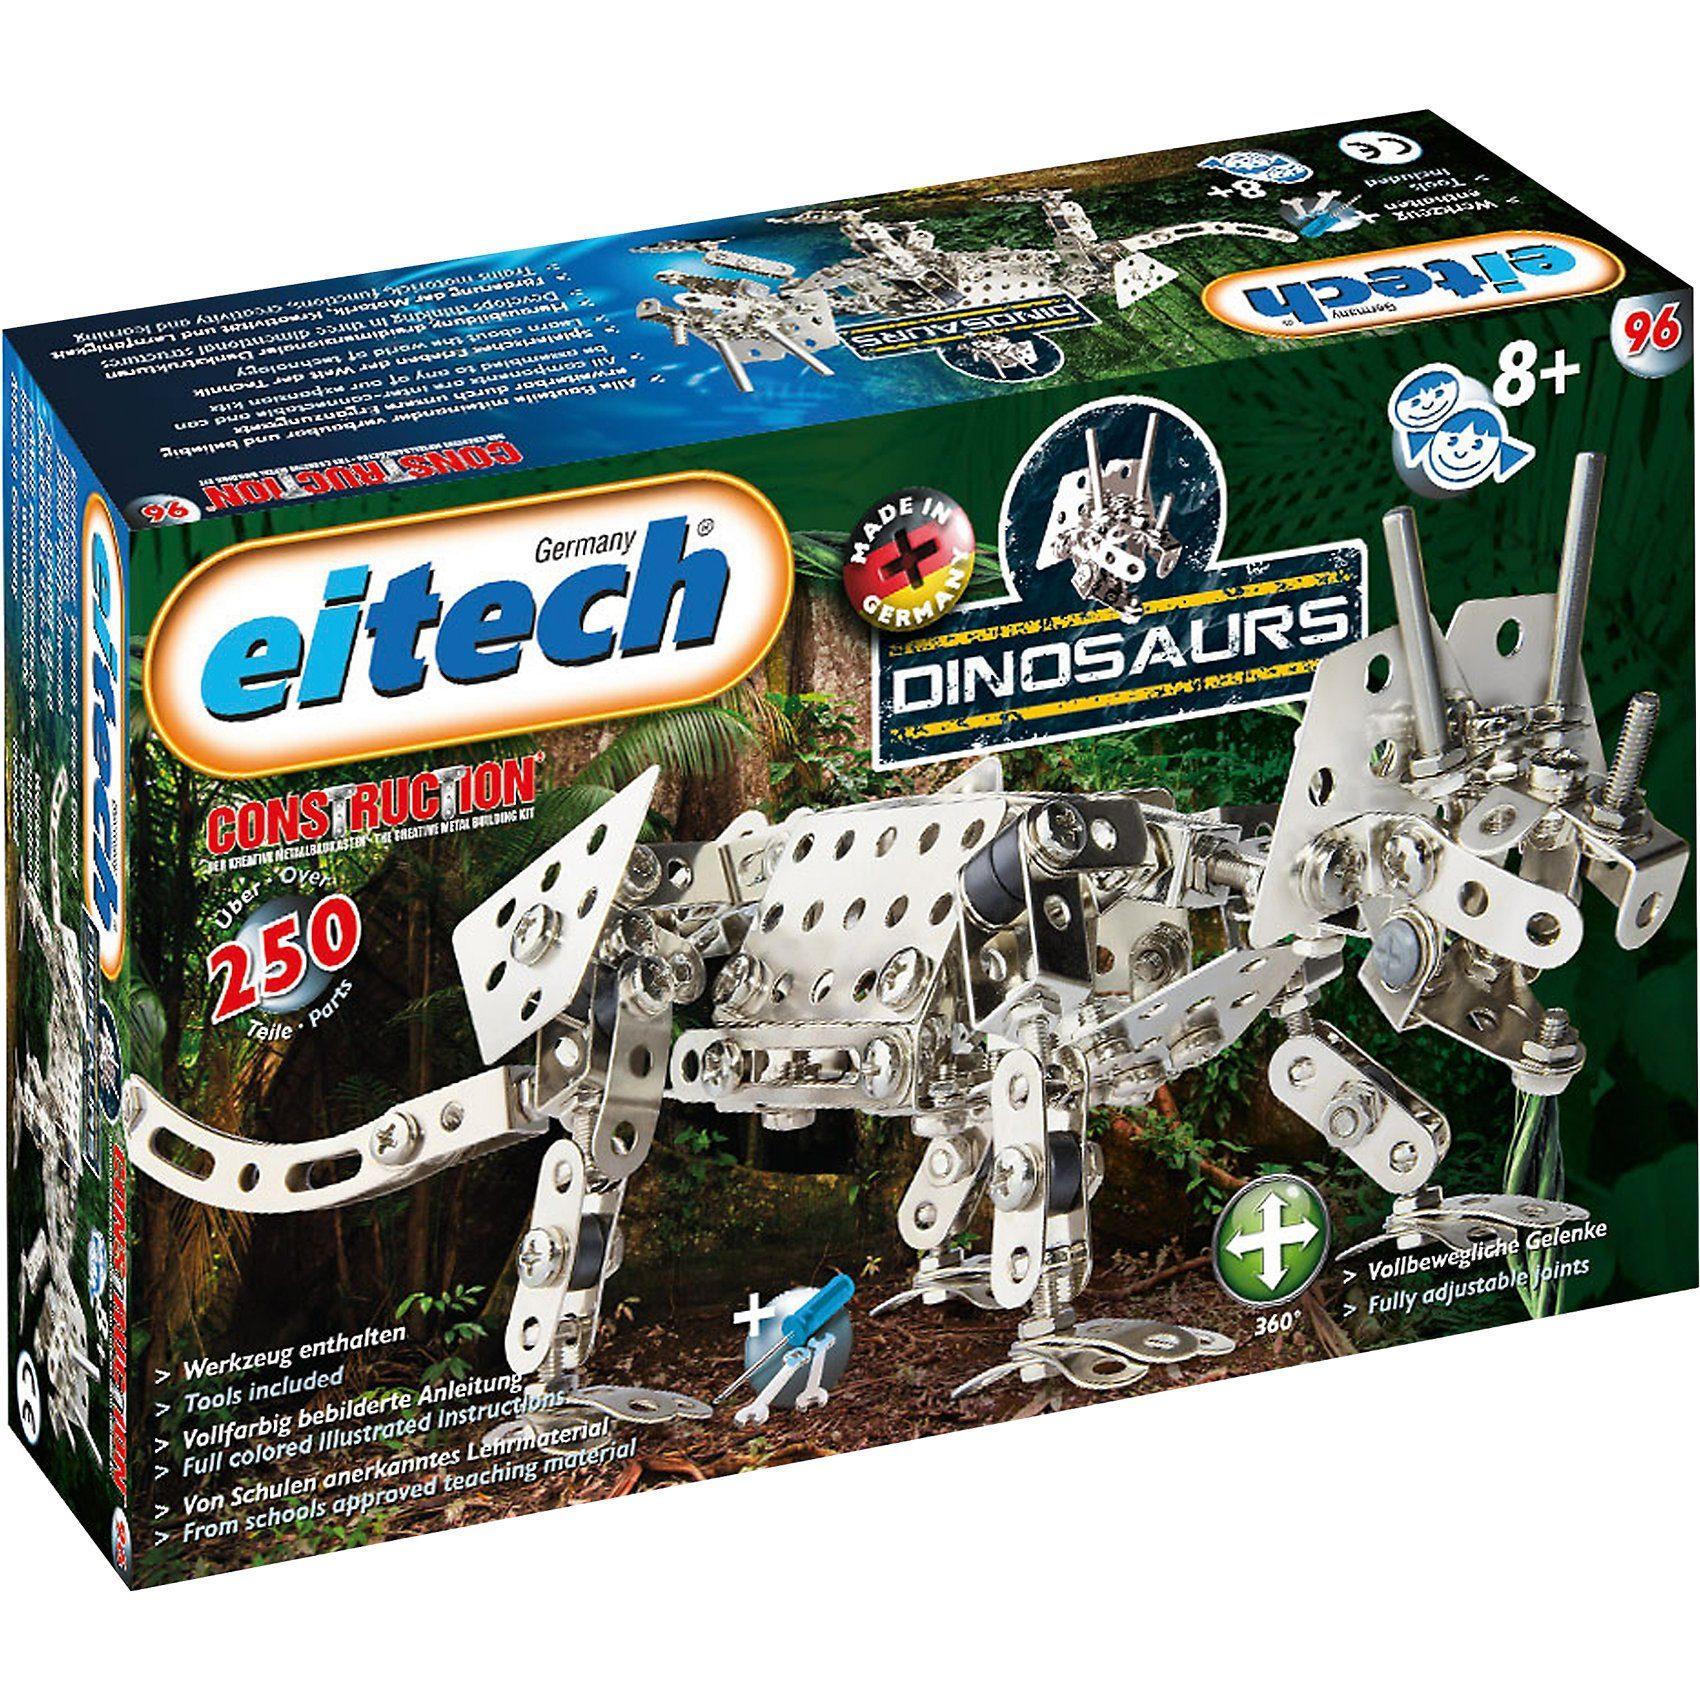 Eitech 96 DINOSAURS Metallbaukasten - Triceratops